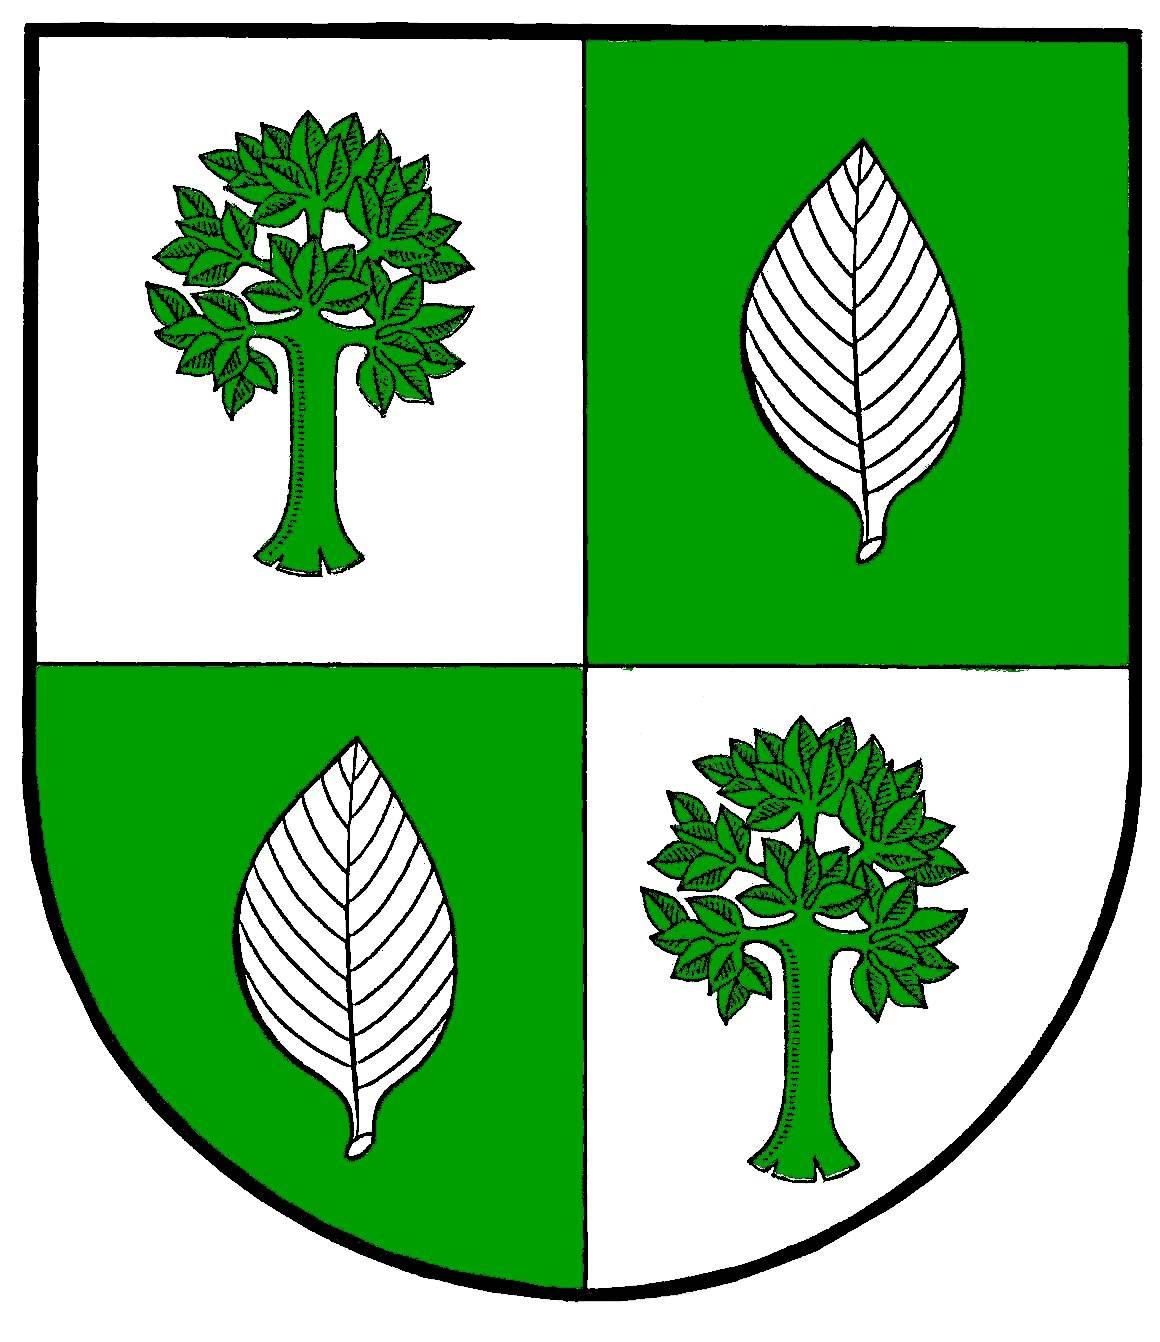 Wappen GemeindeBuchholz, Kreis Dithmarschen